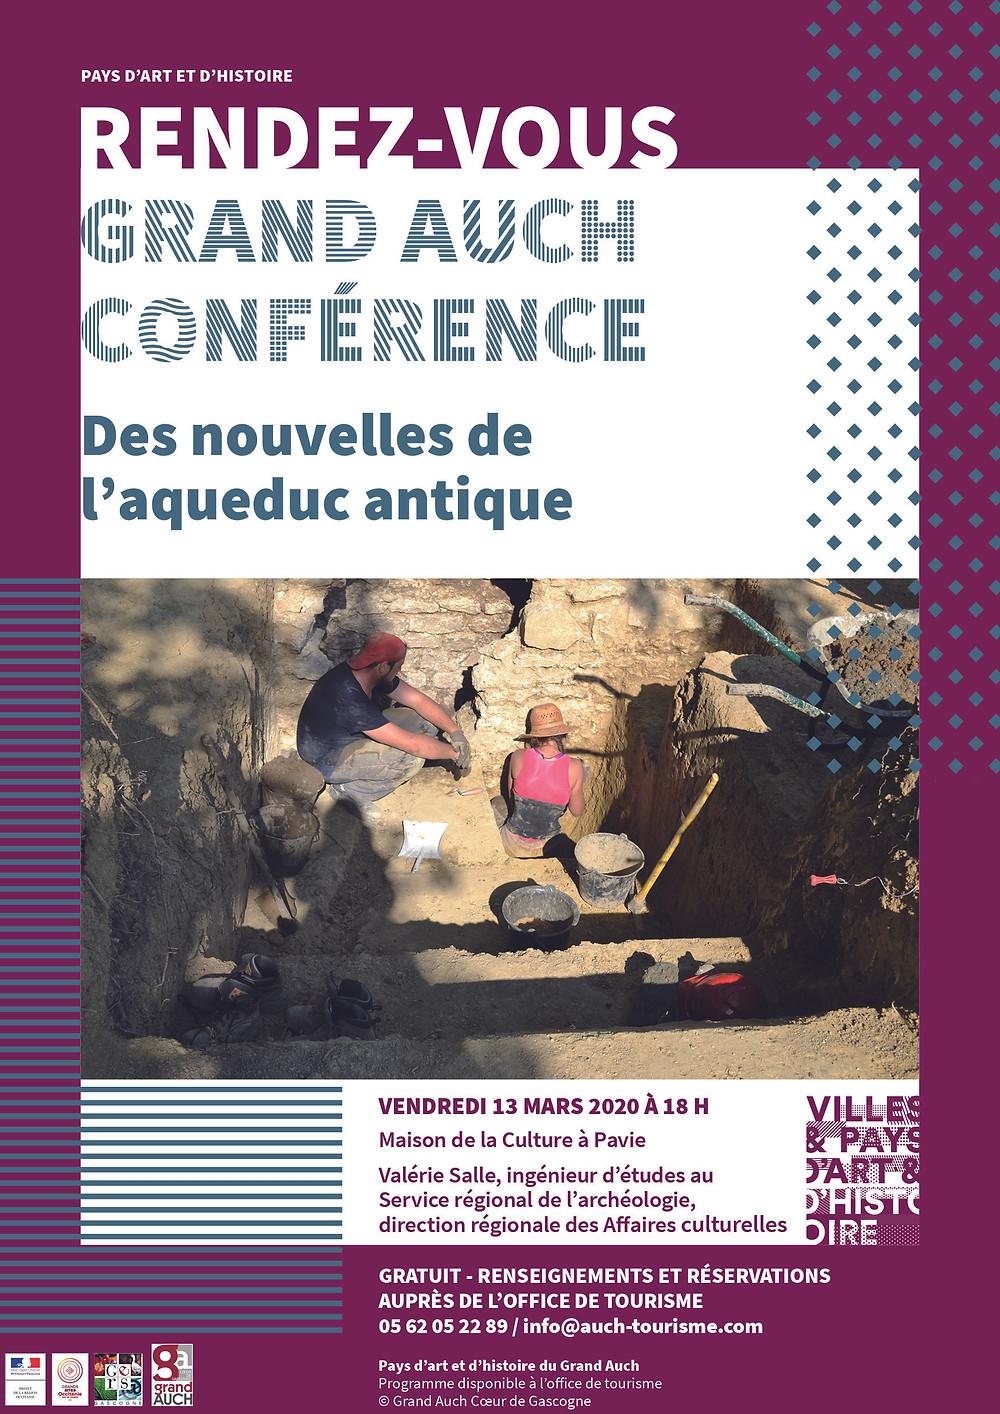 conférence aqueduc antique rendez-vous grand auch